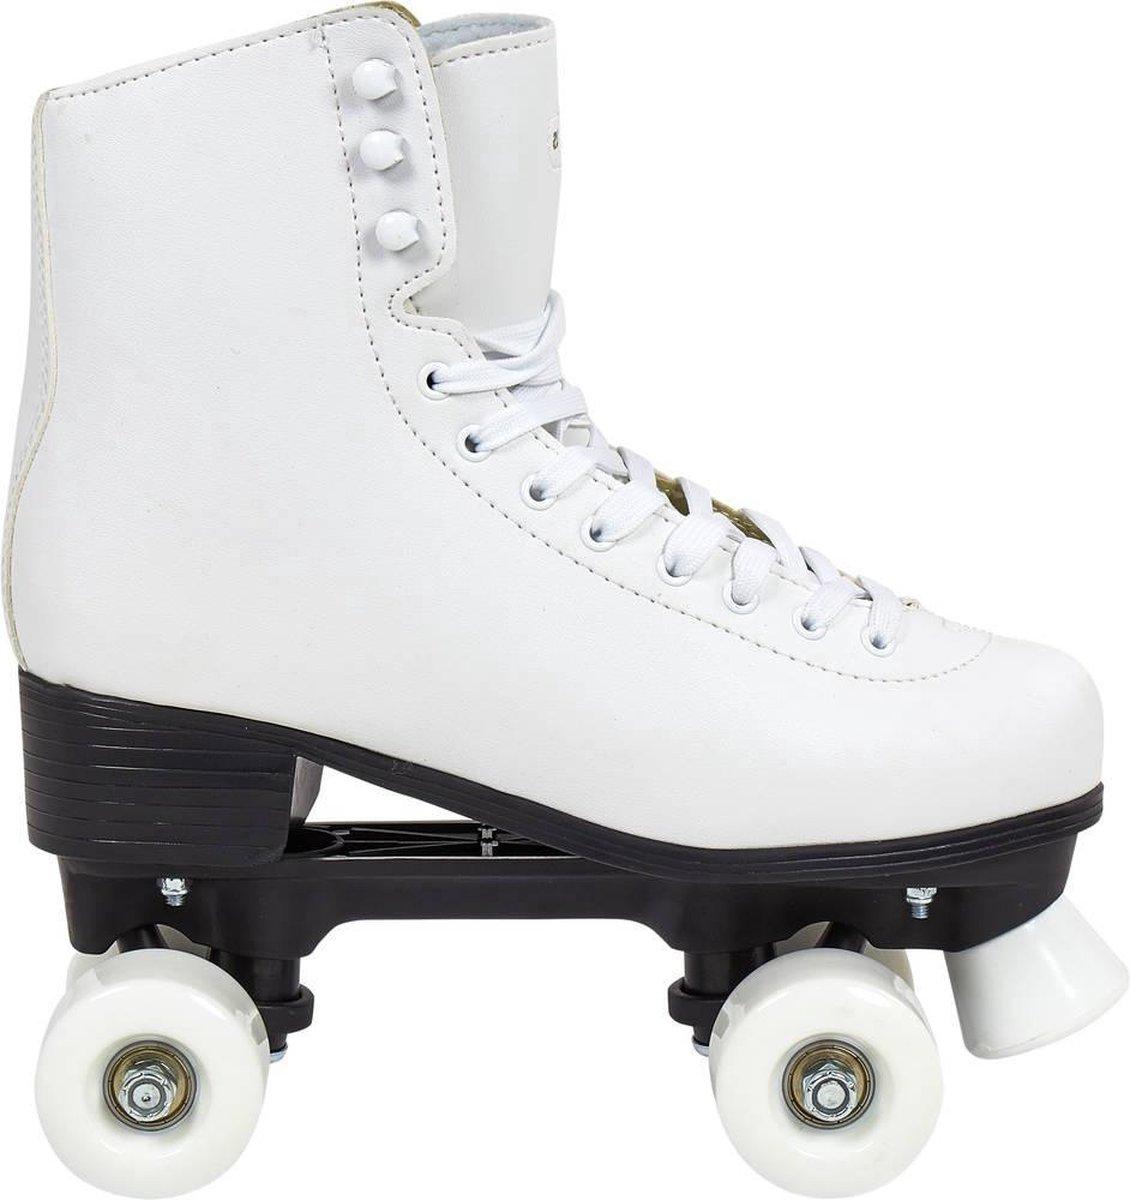 Roces Rc1 Rolschaatsen Meisjes Wit Maat 36